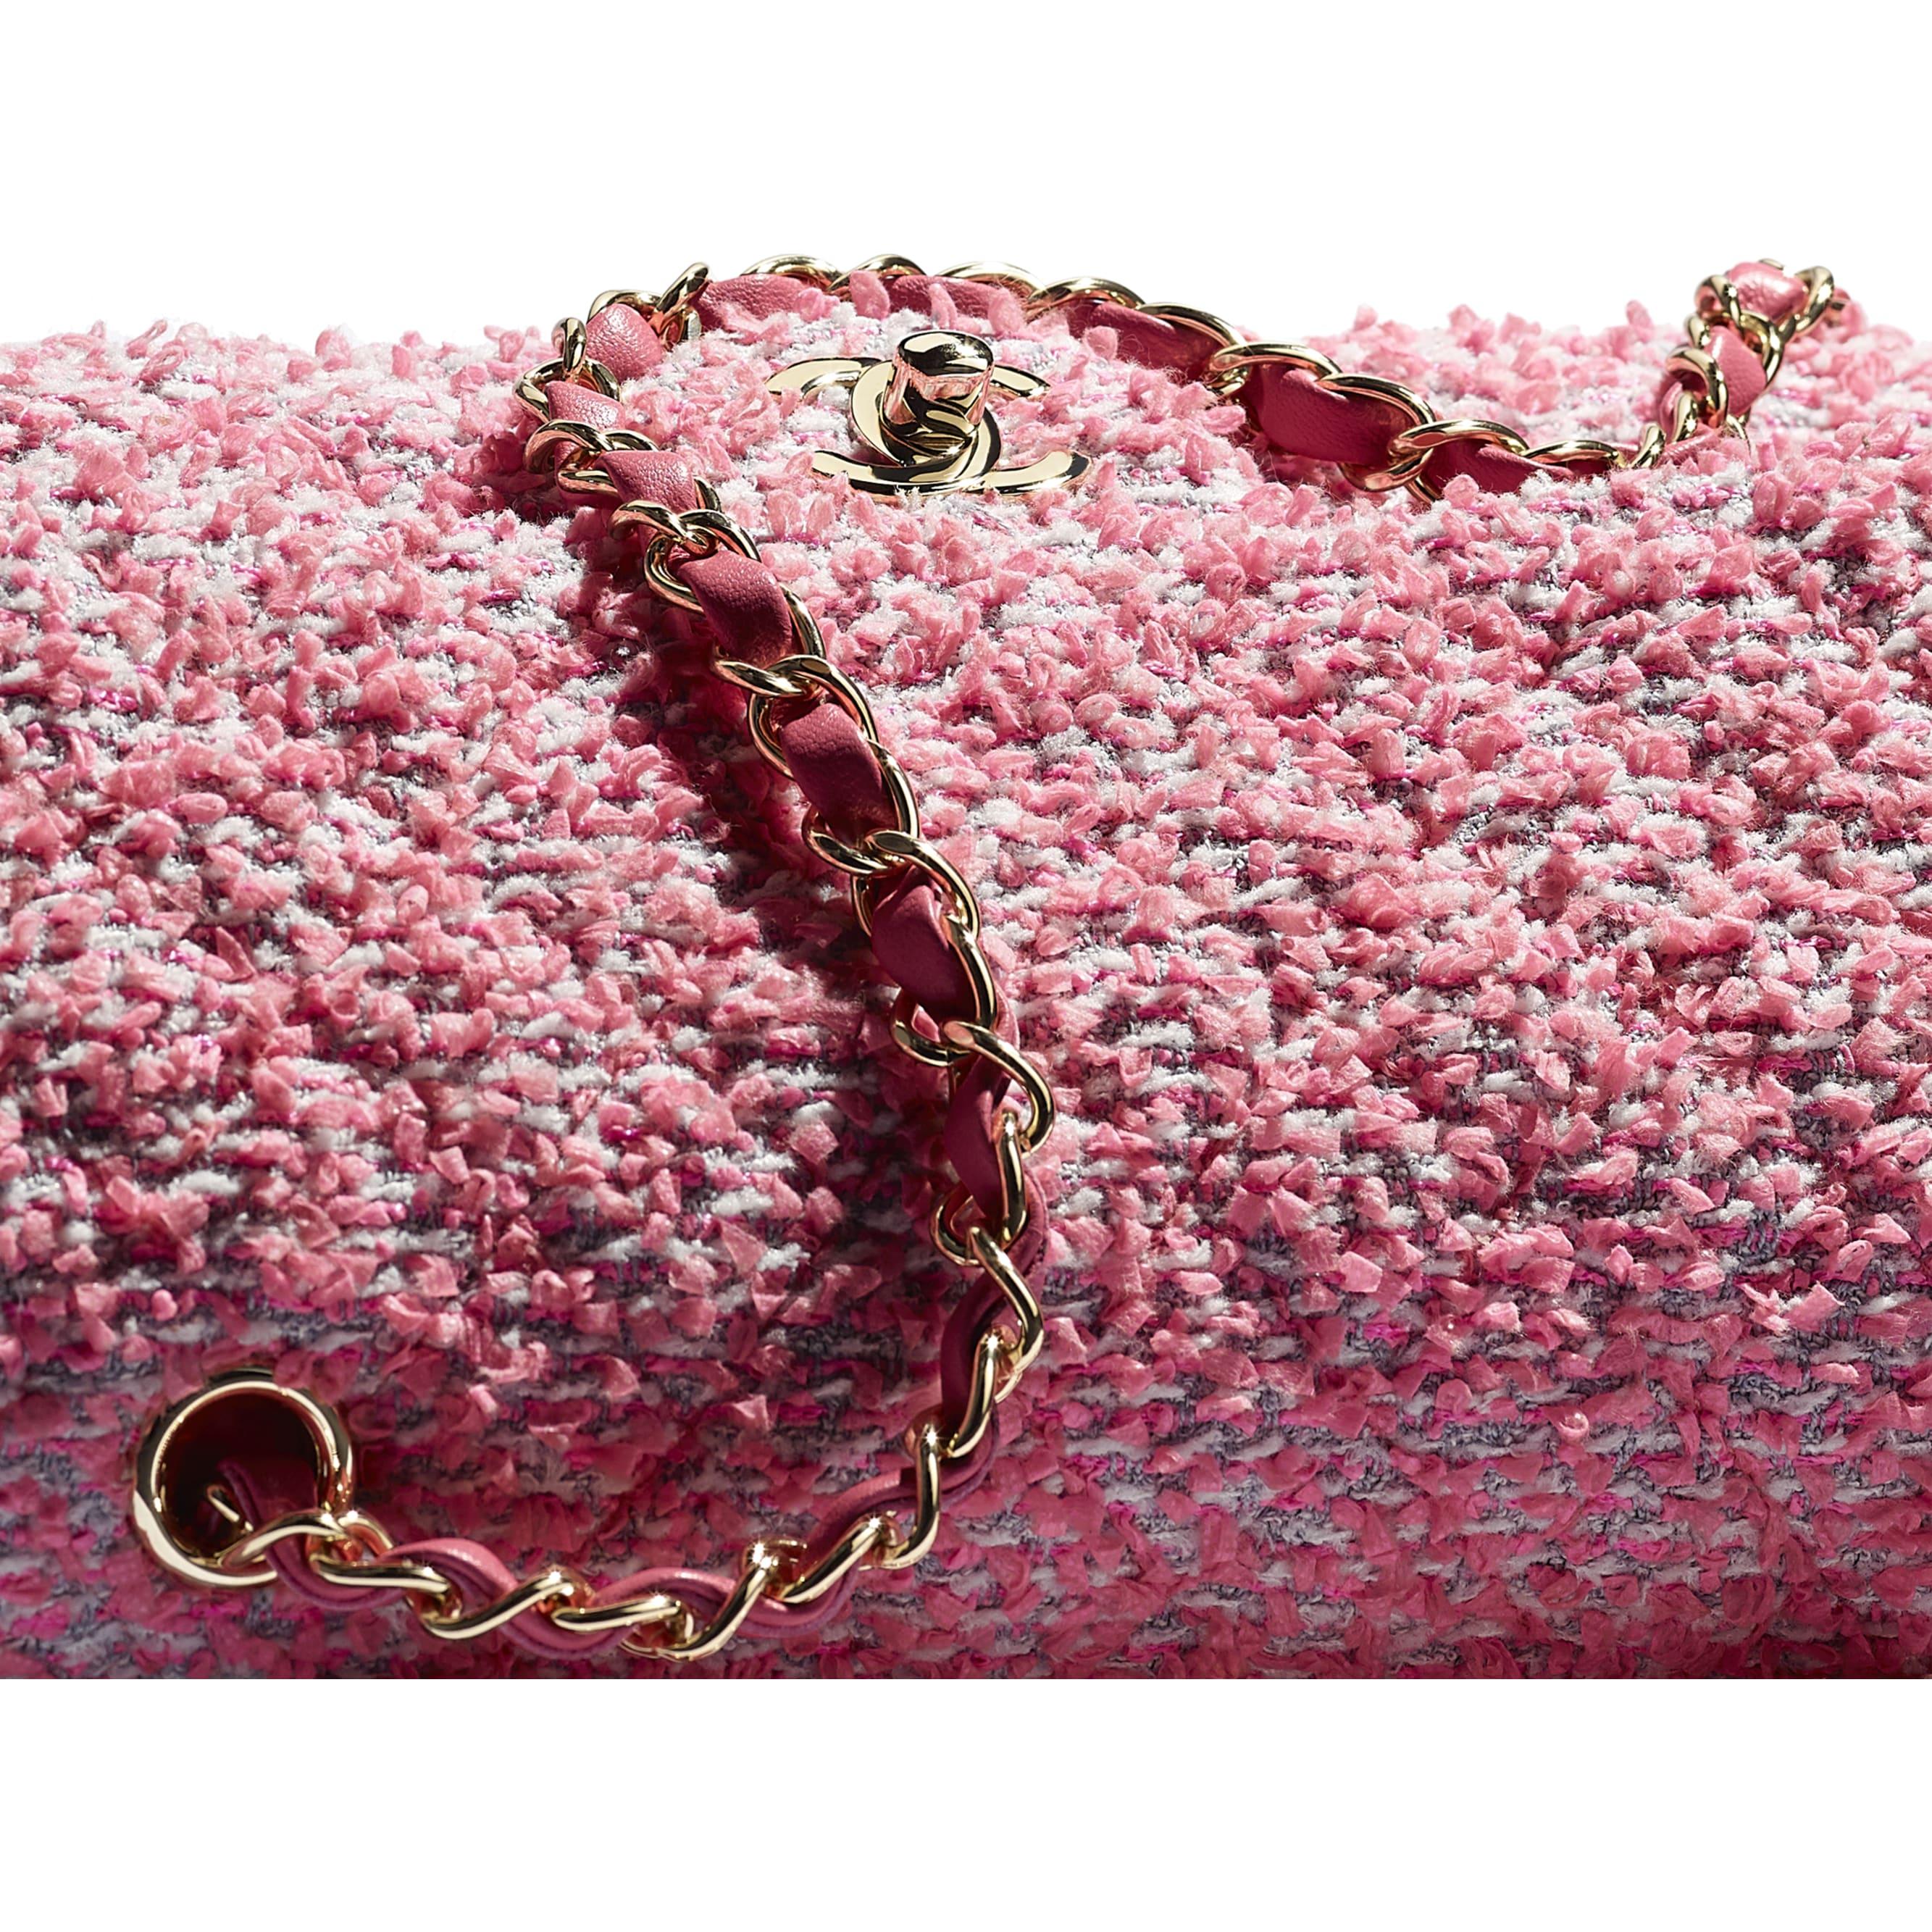 กระเป๋าสะพายคลาสสิก - สีชมพู สีขาว และสีเทา - ผ้าทวีตและโลหะสีทอง - CHANEL - มุมมองพิเศษ - ดูเวอร์ชันขนาดมาตรฐาน